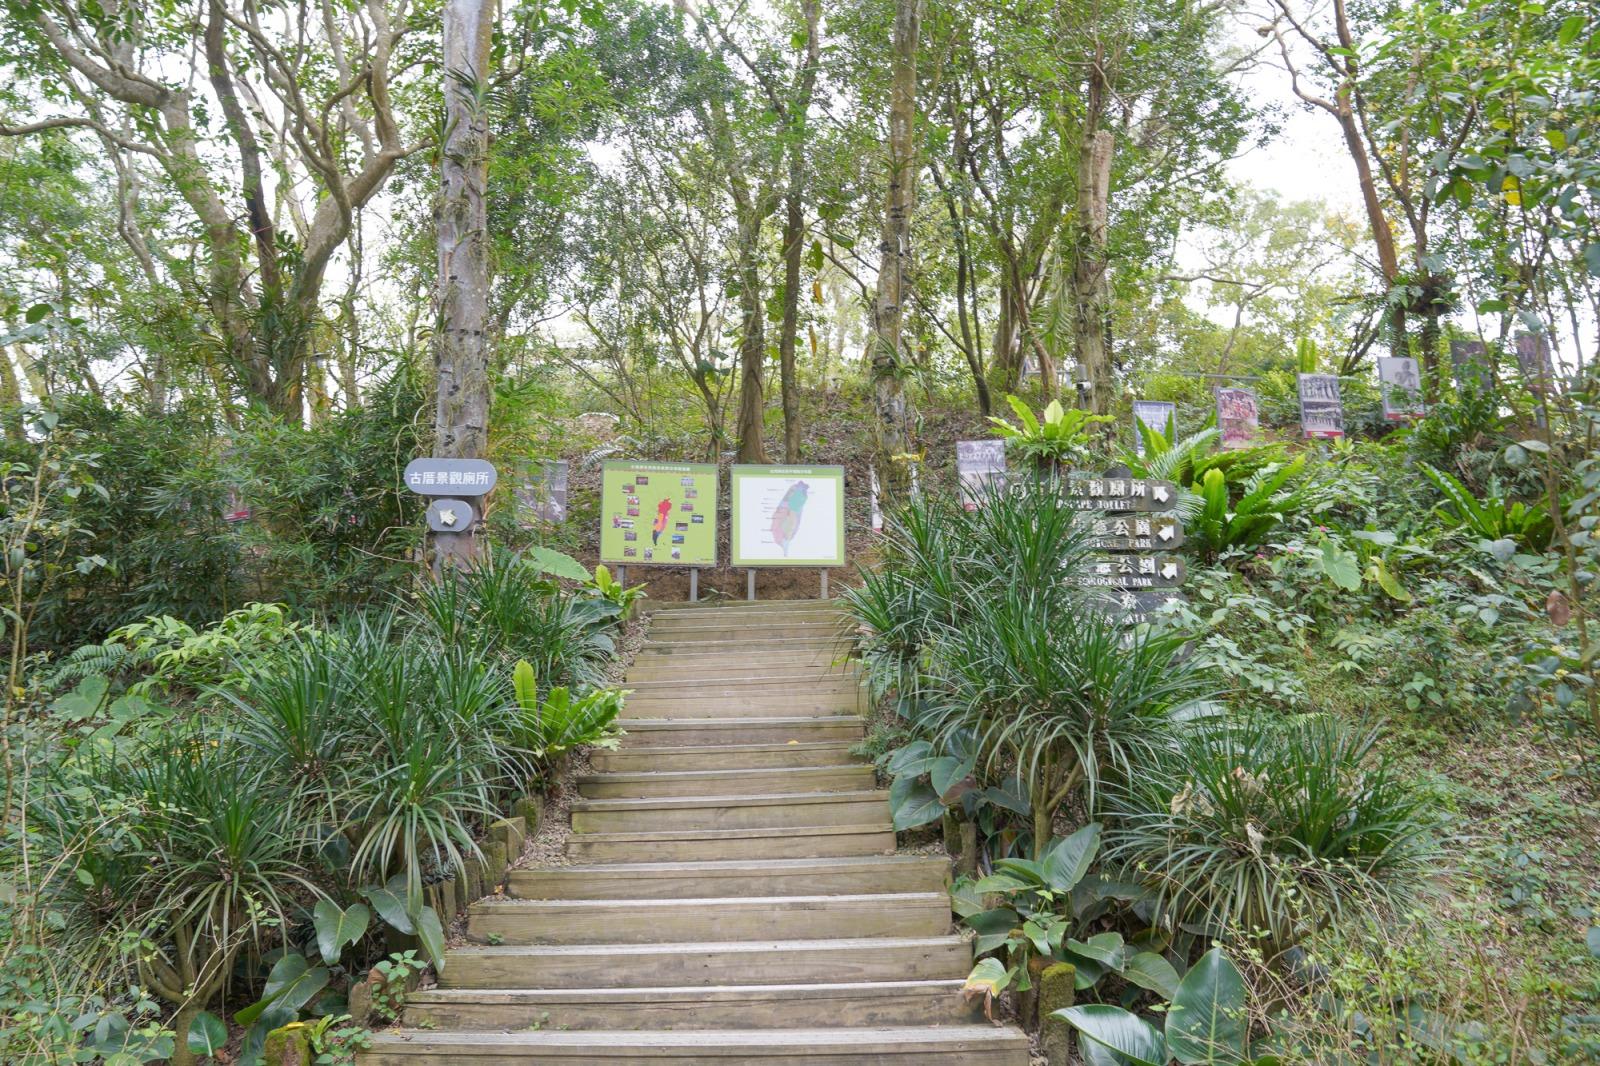 新竹親子景點》綠世界生態農場・玩樂攻略,來大草皮野餐和可愛羊駝、鵜鶘、樹懶互動,門票優惠及園區地圖、北埔一日遊景點